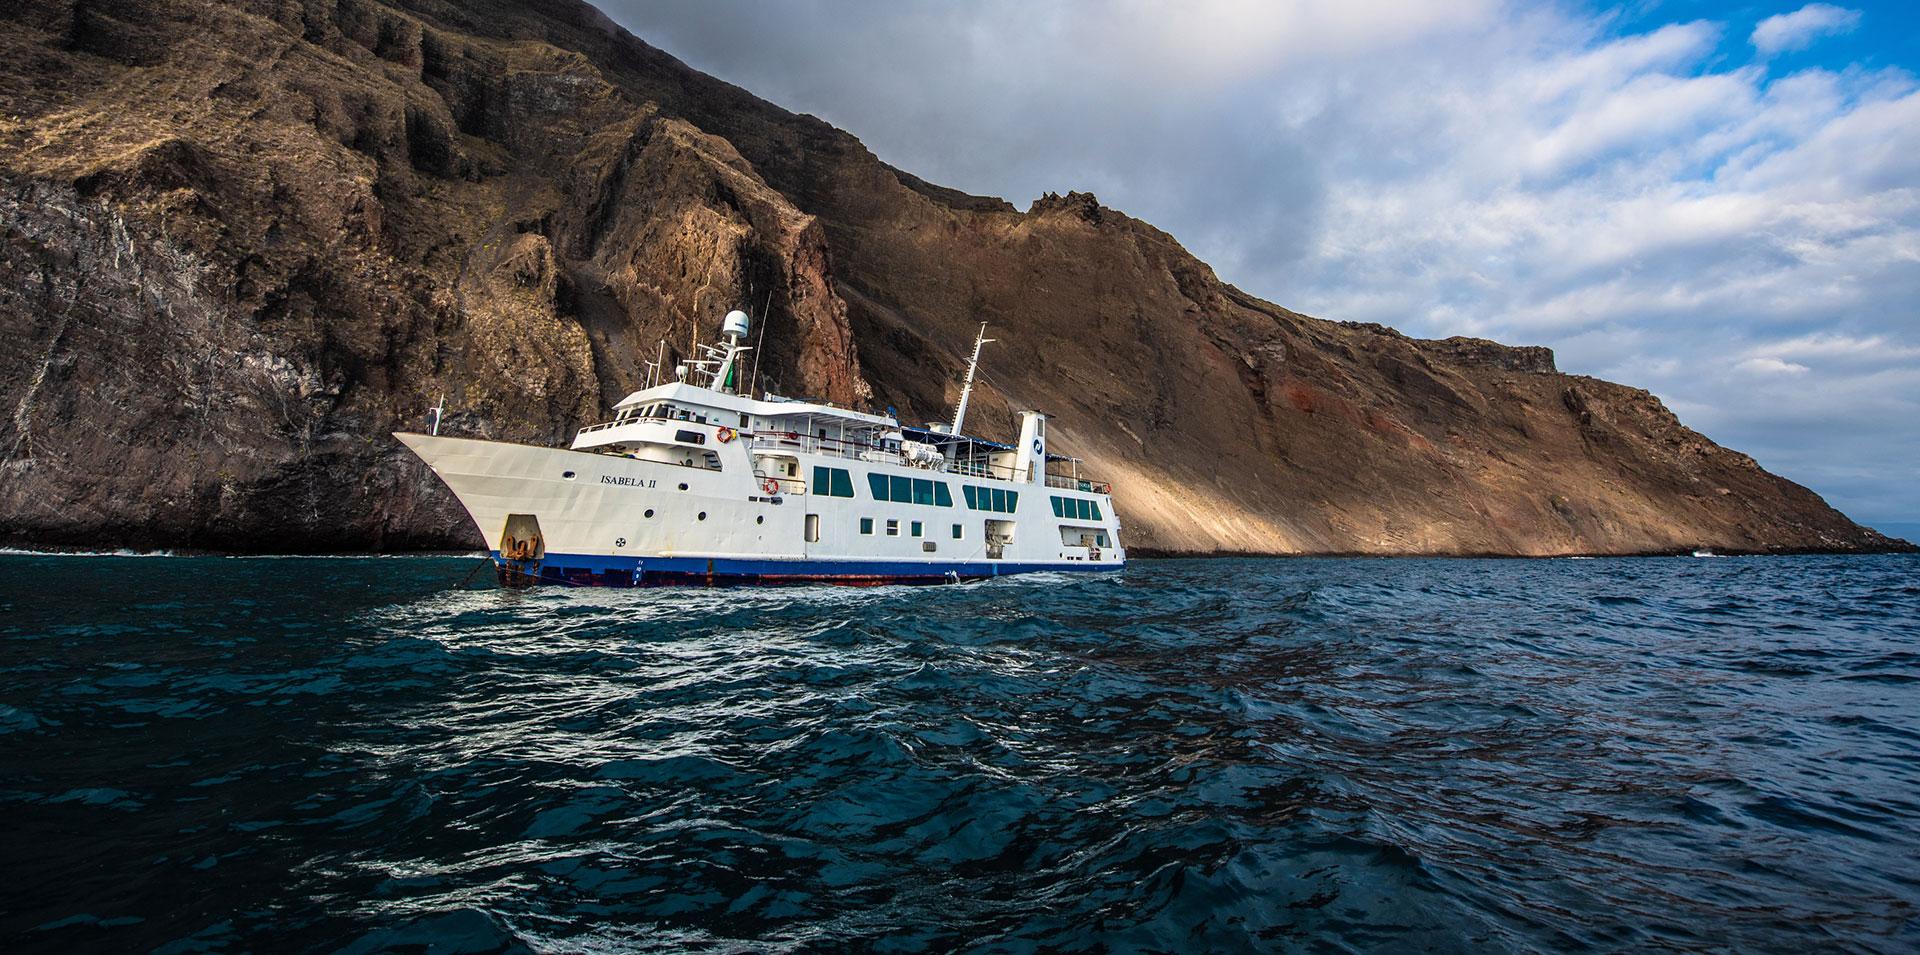 Yacht Isabela II sailing in the Galapagos Islands, Ecuador